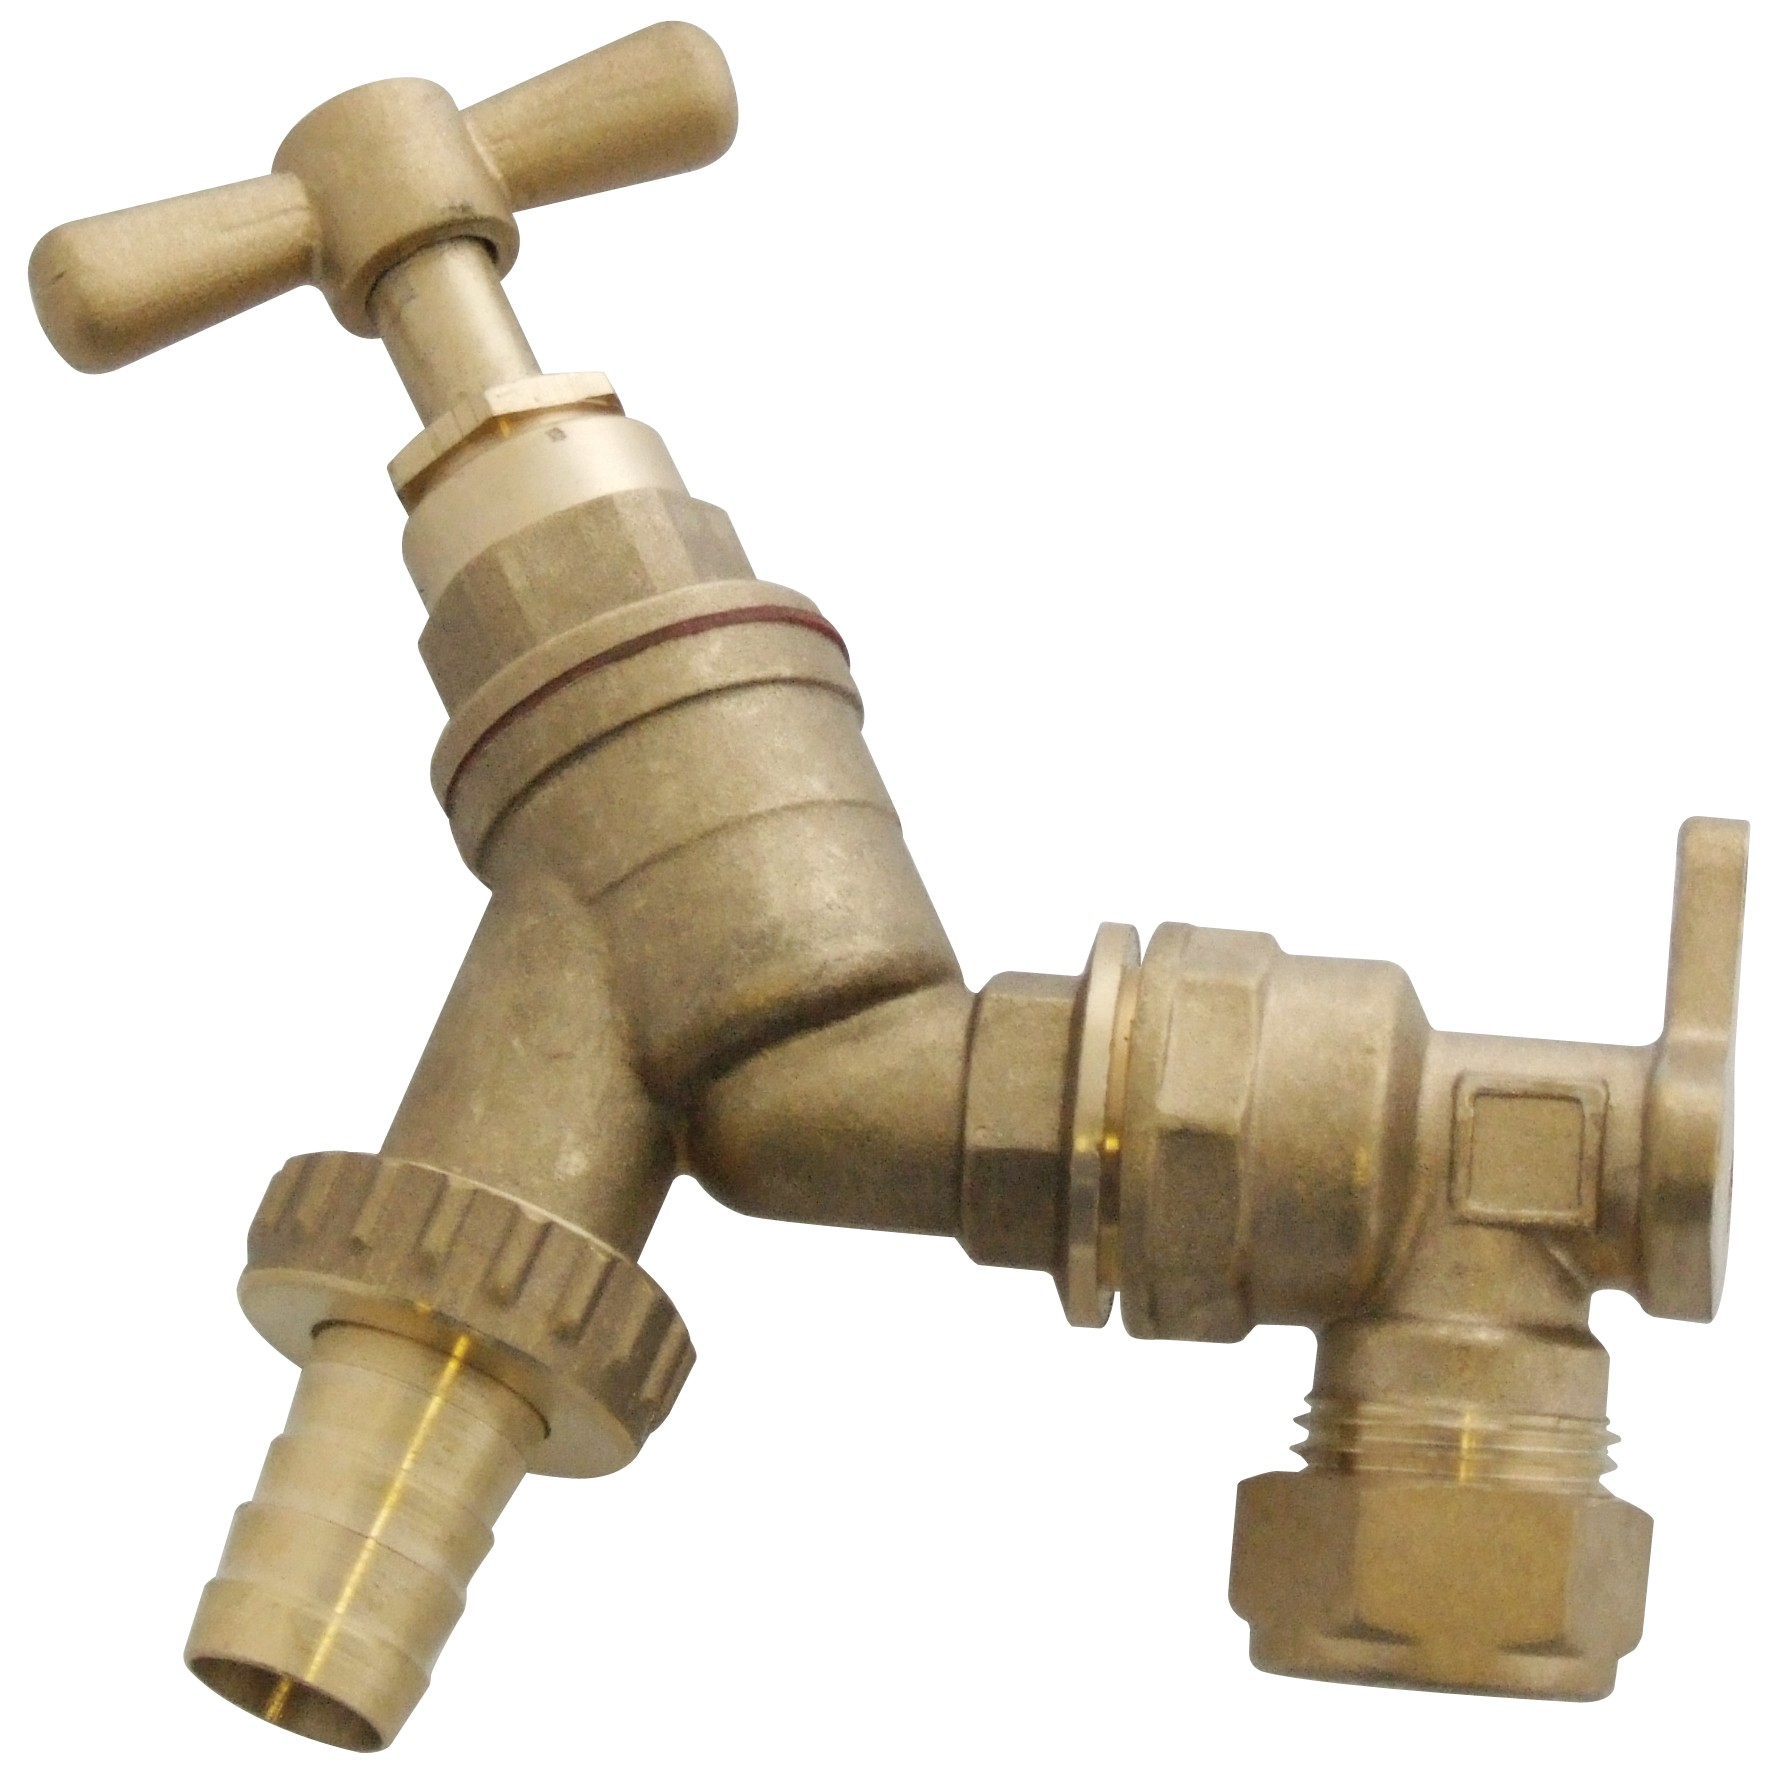 Plumbing tools buy cheap accessories online